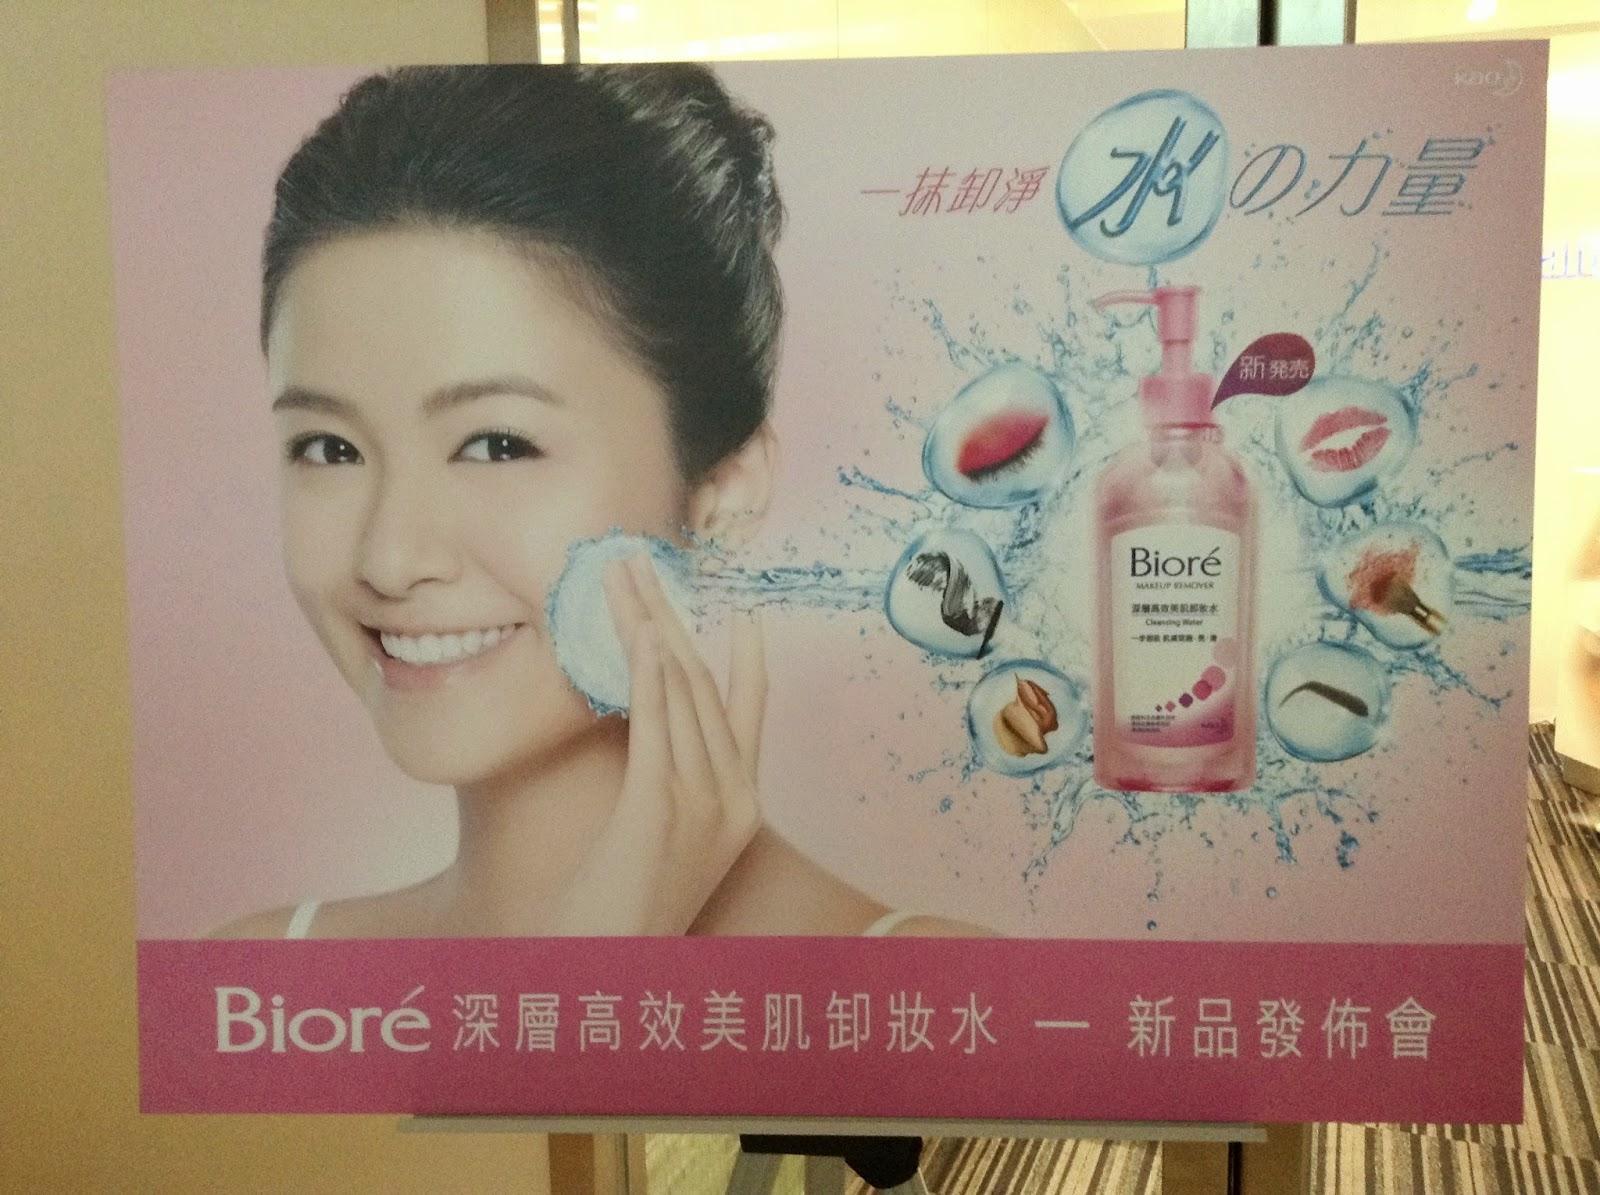 >> 花王 Bioré 碧柔 卸妝系列新品發佈會*深層高效美肌卸妝水 Cleansing Water